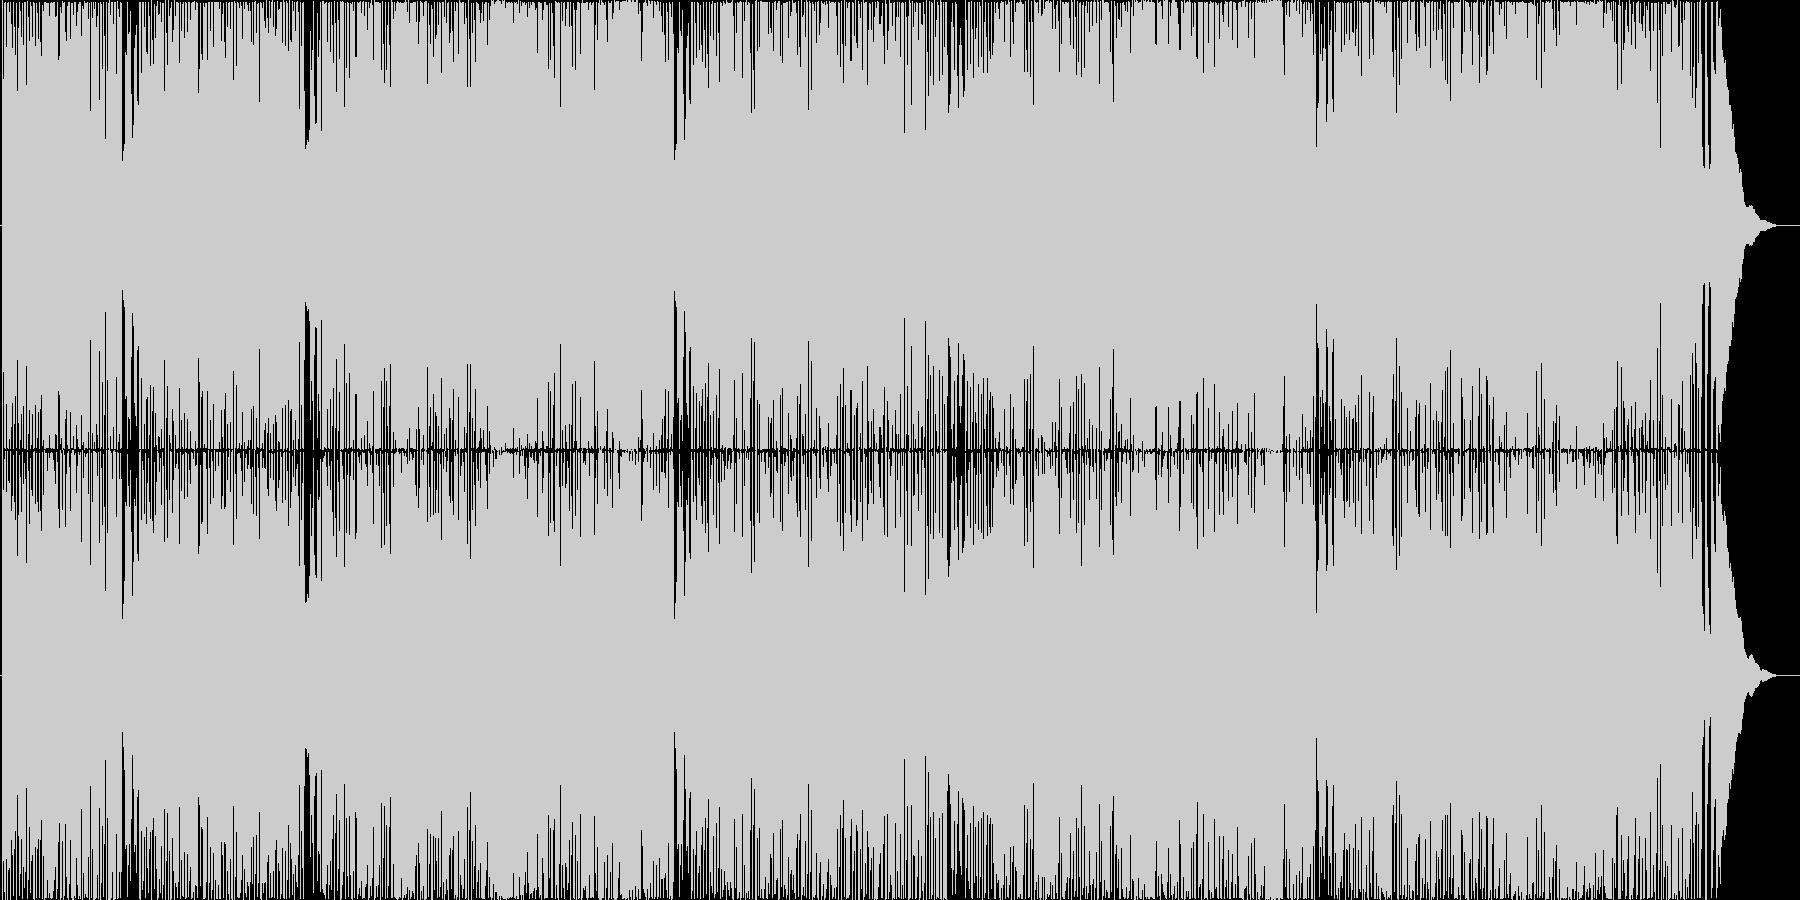 ラーメンを題材とした疾走感ある昭和ロックの未再生の波形